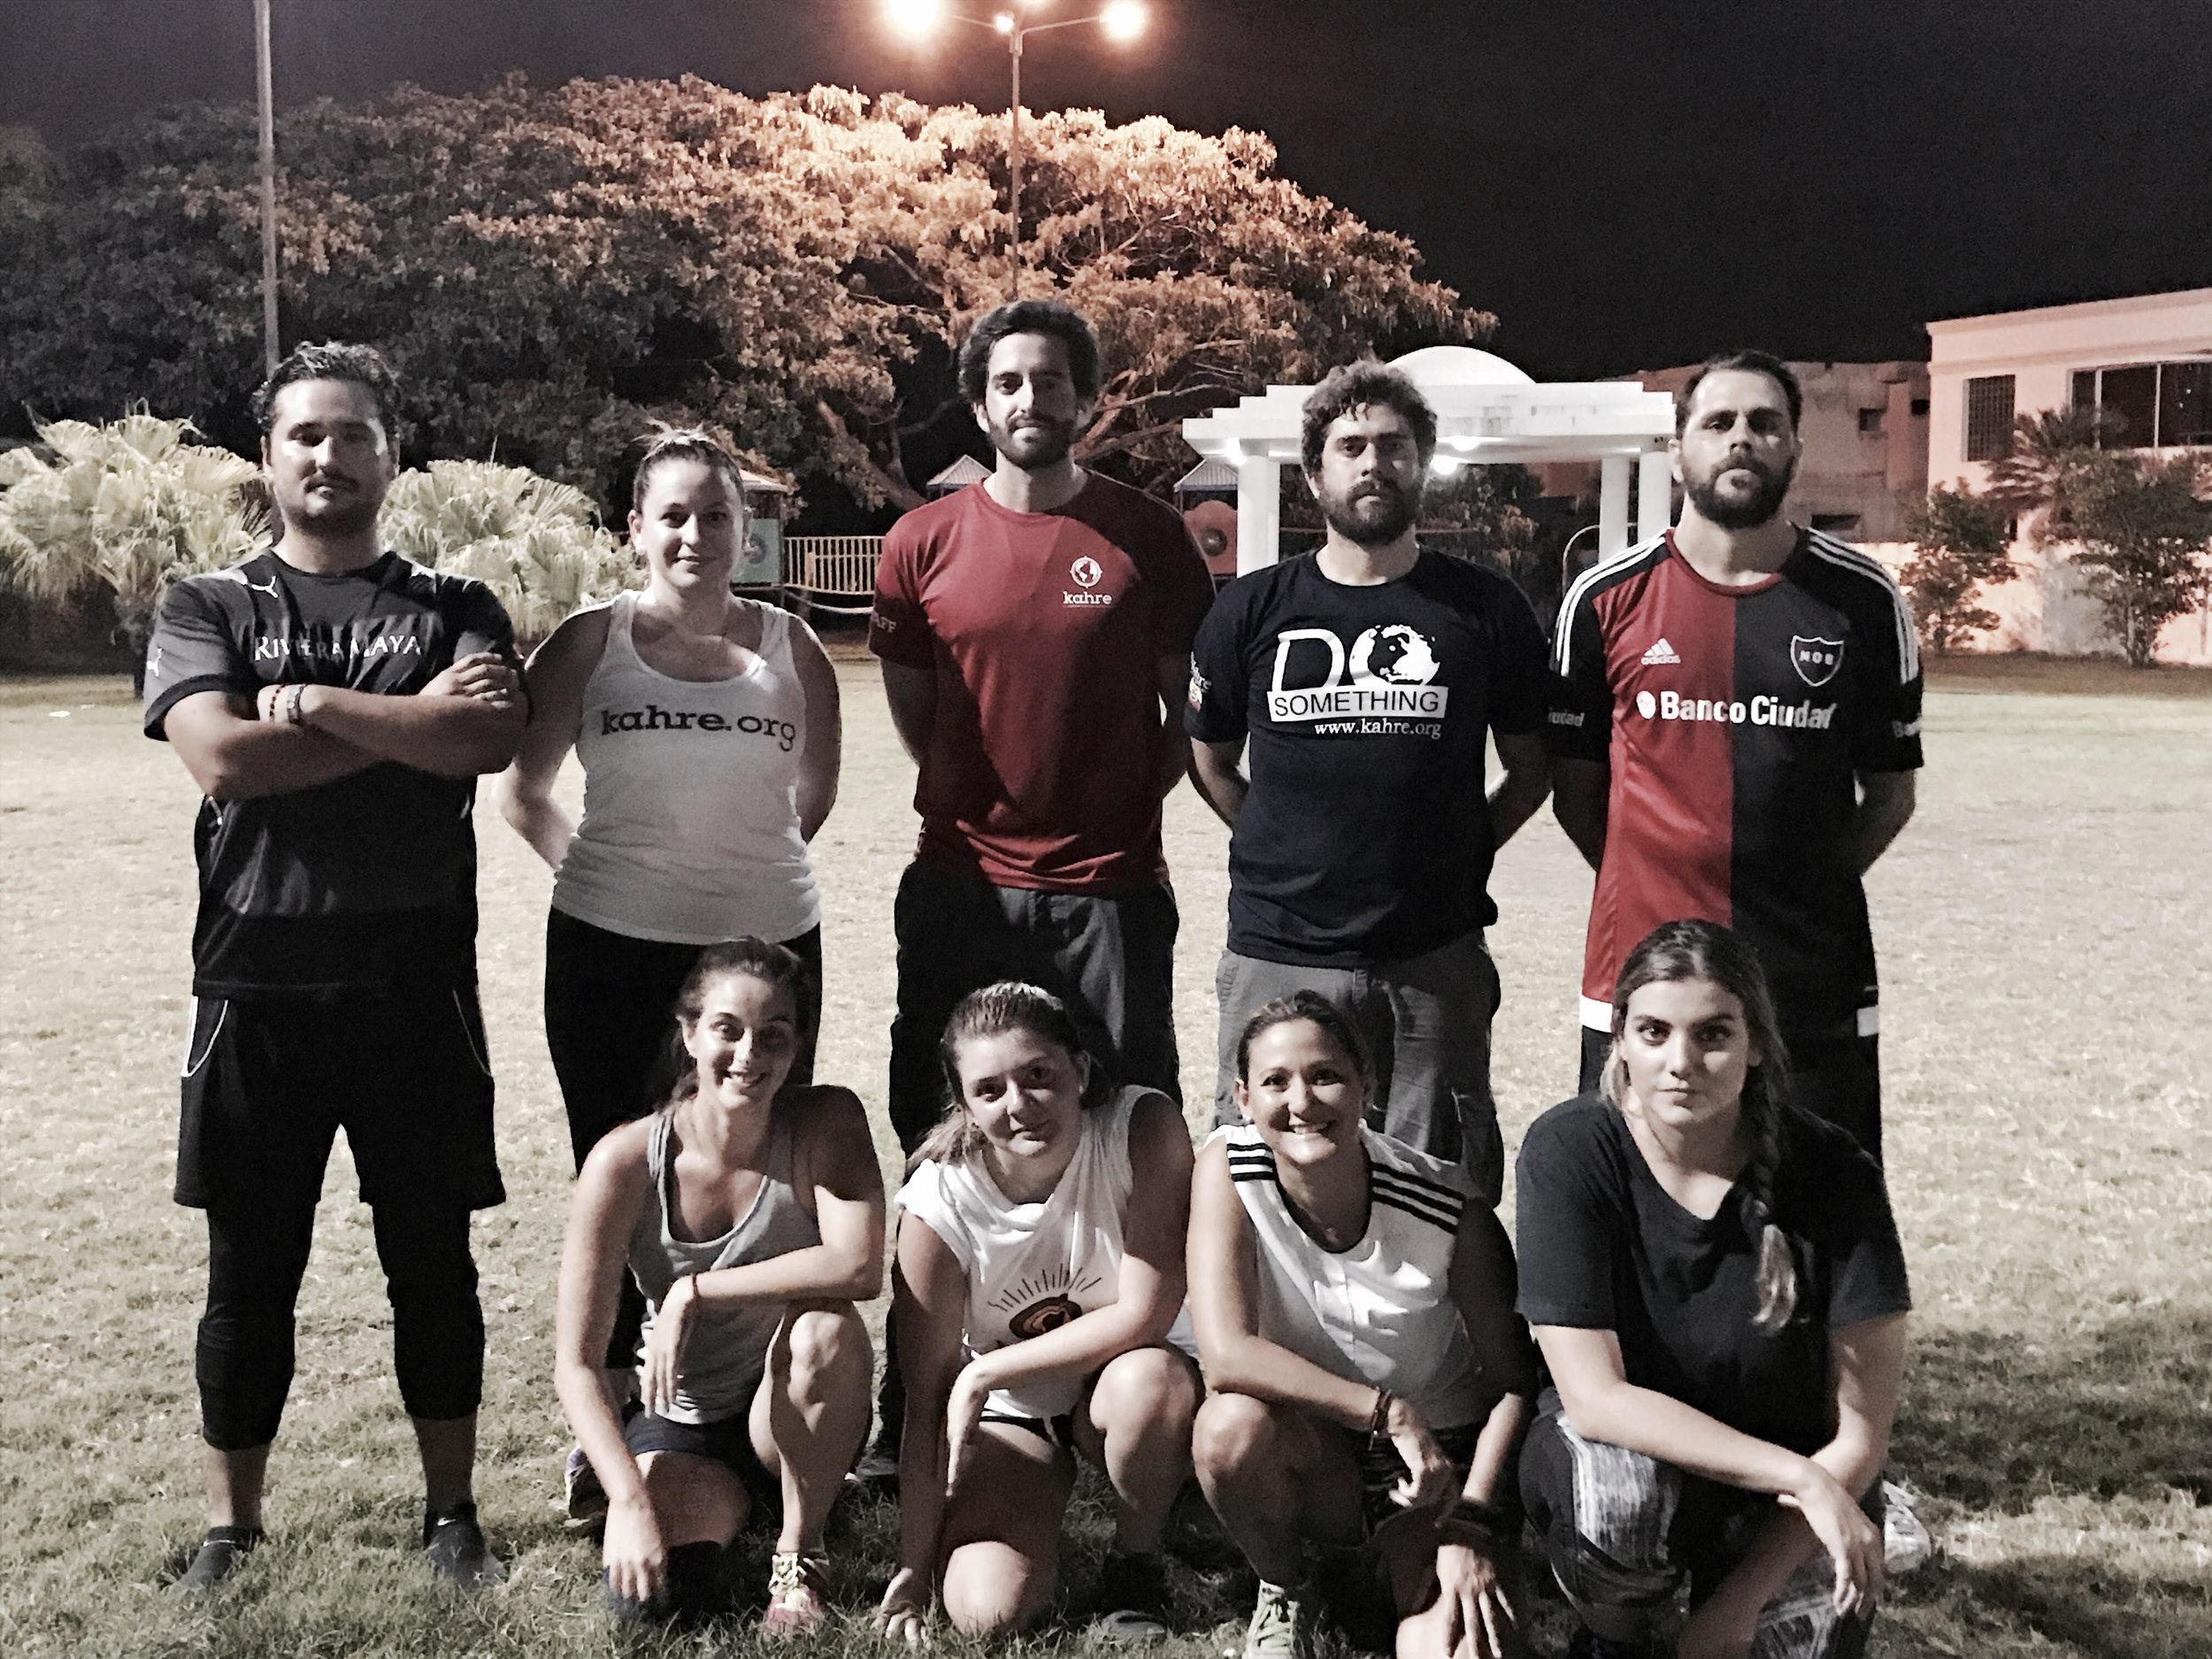 The KAHRE team